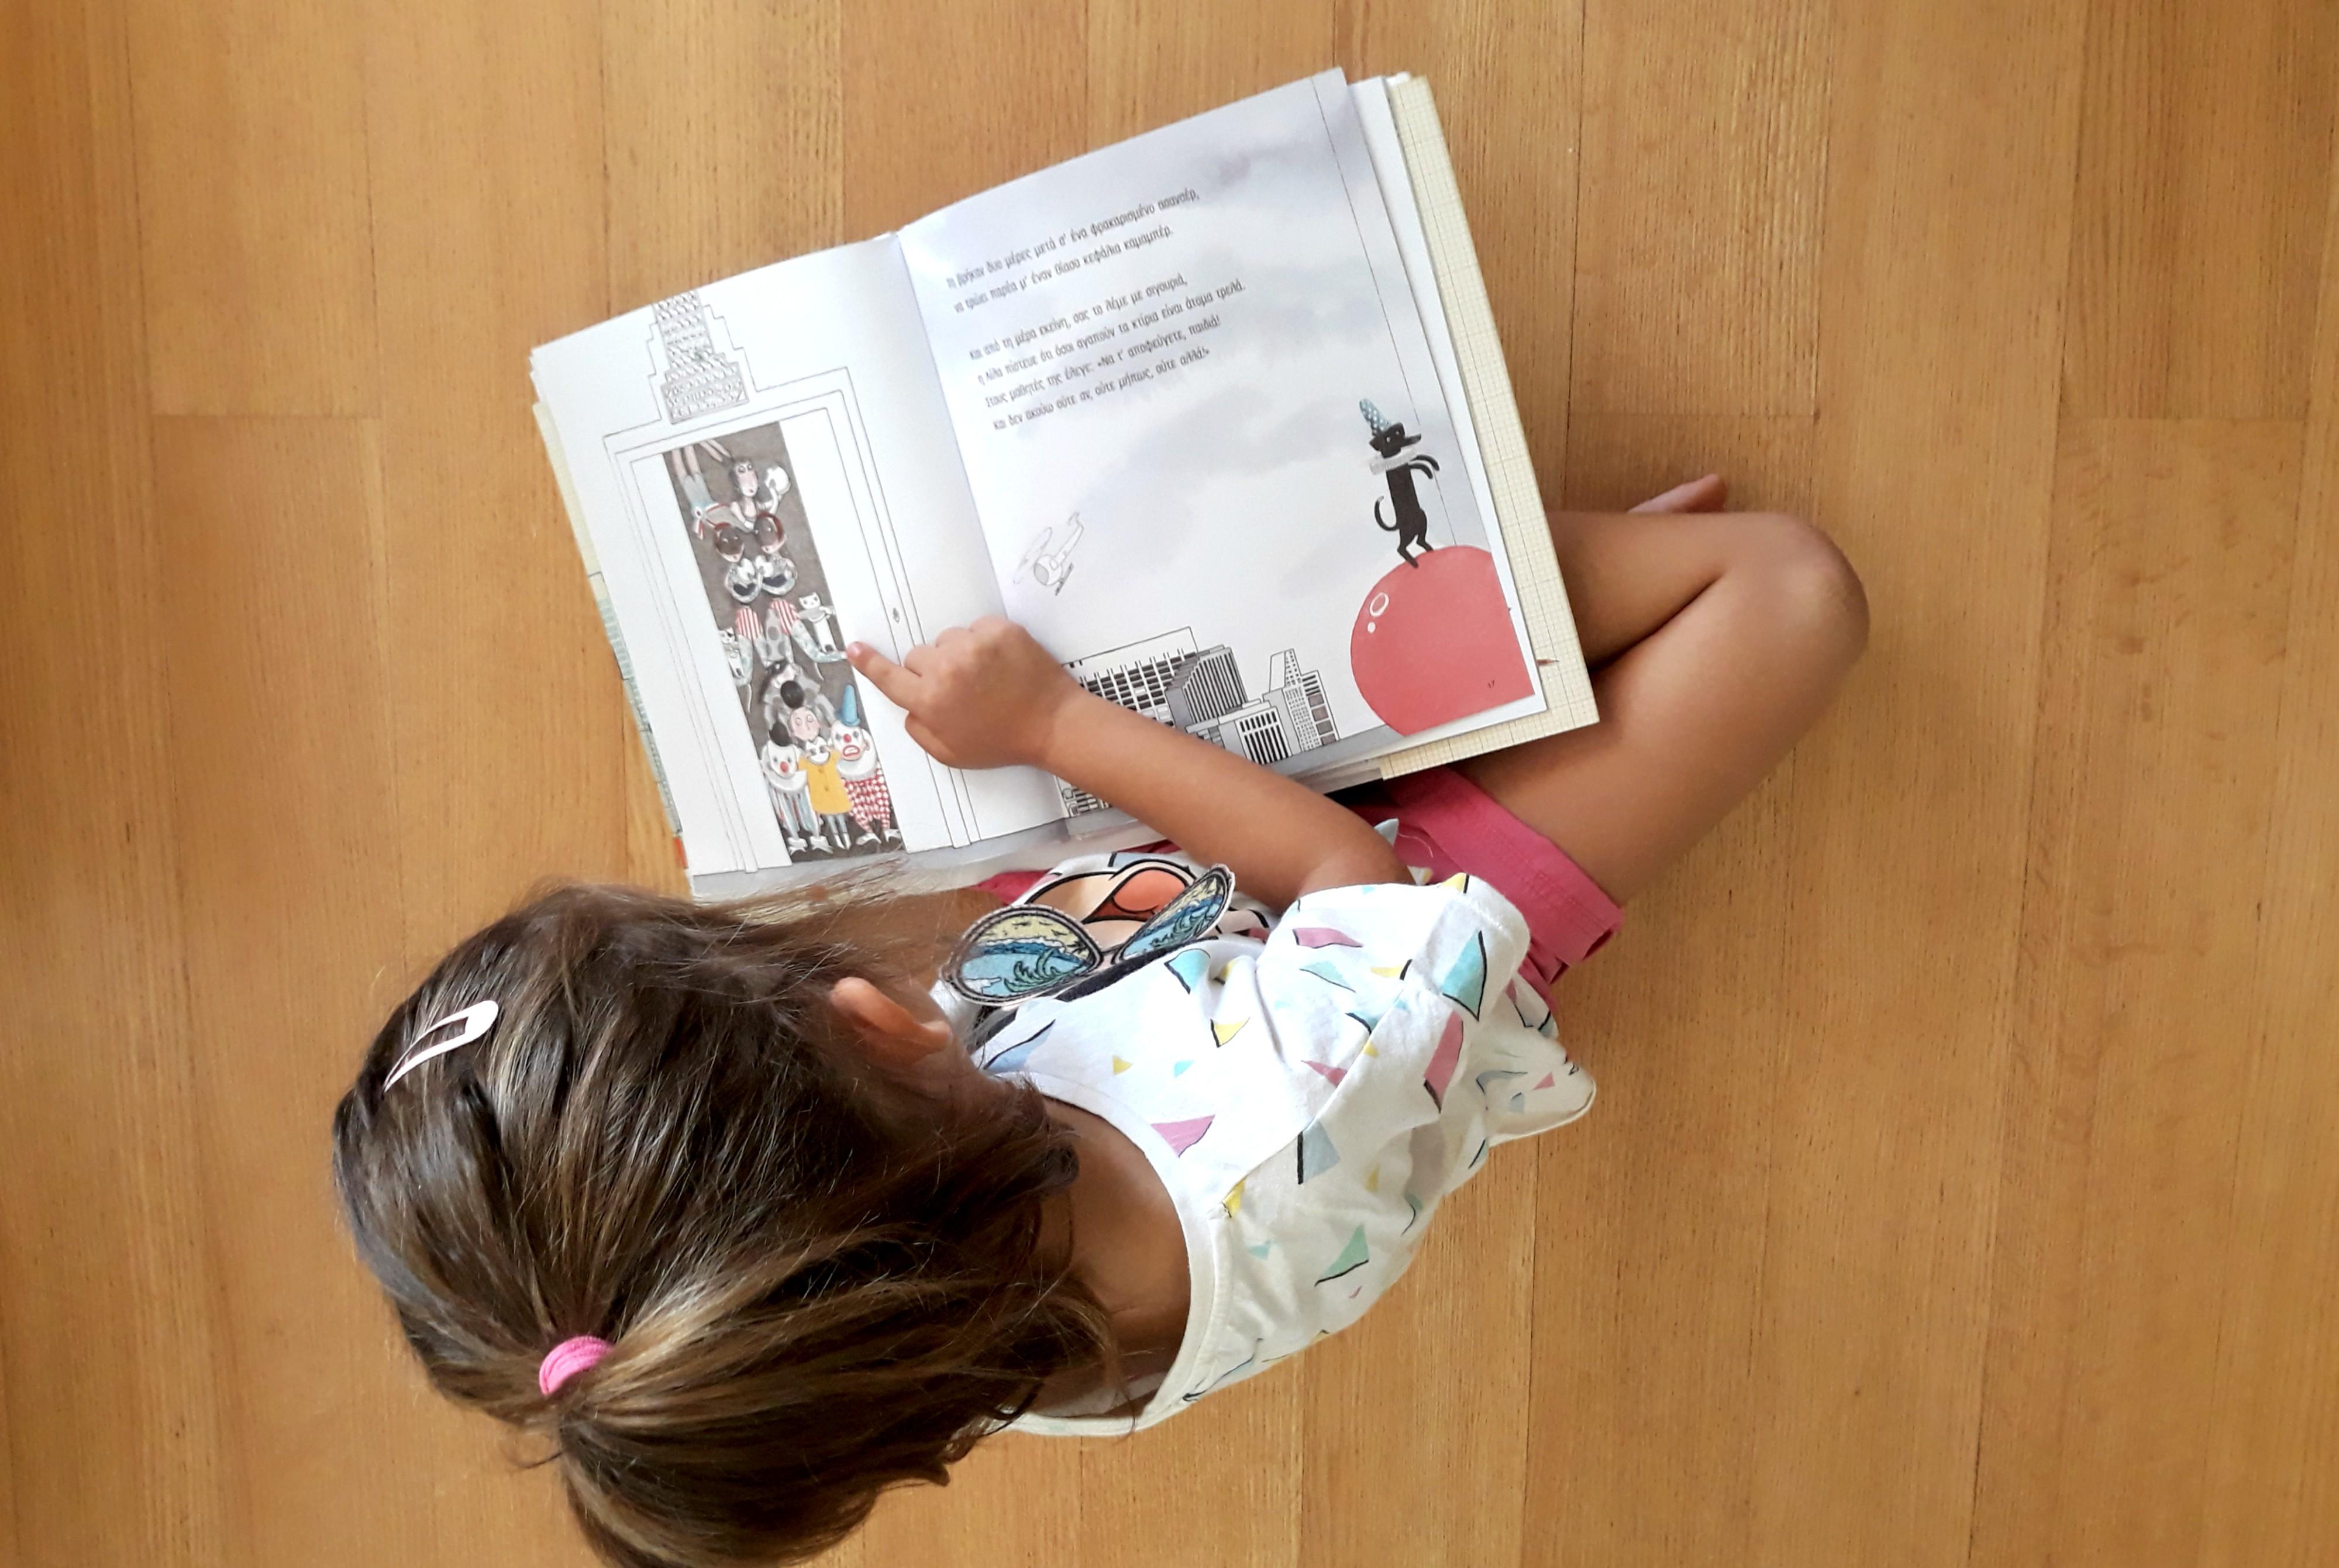 Βιβλίο Ίγκι Πεκ ο Αρχιτέκτονας